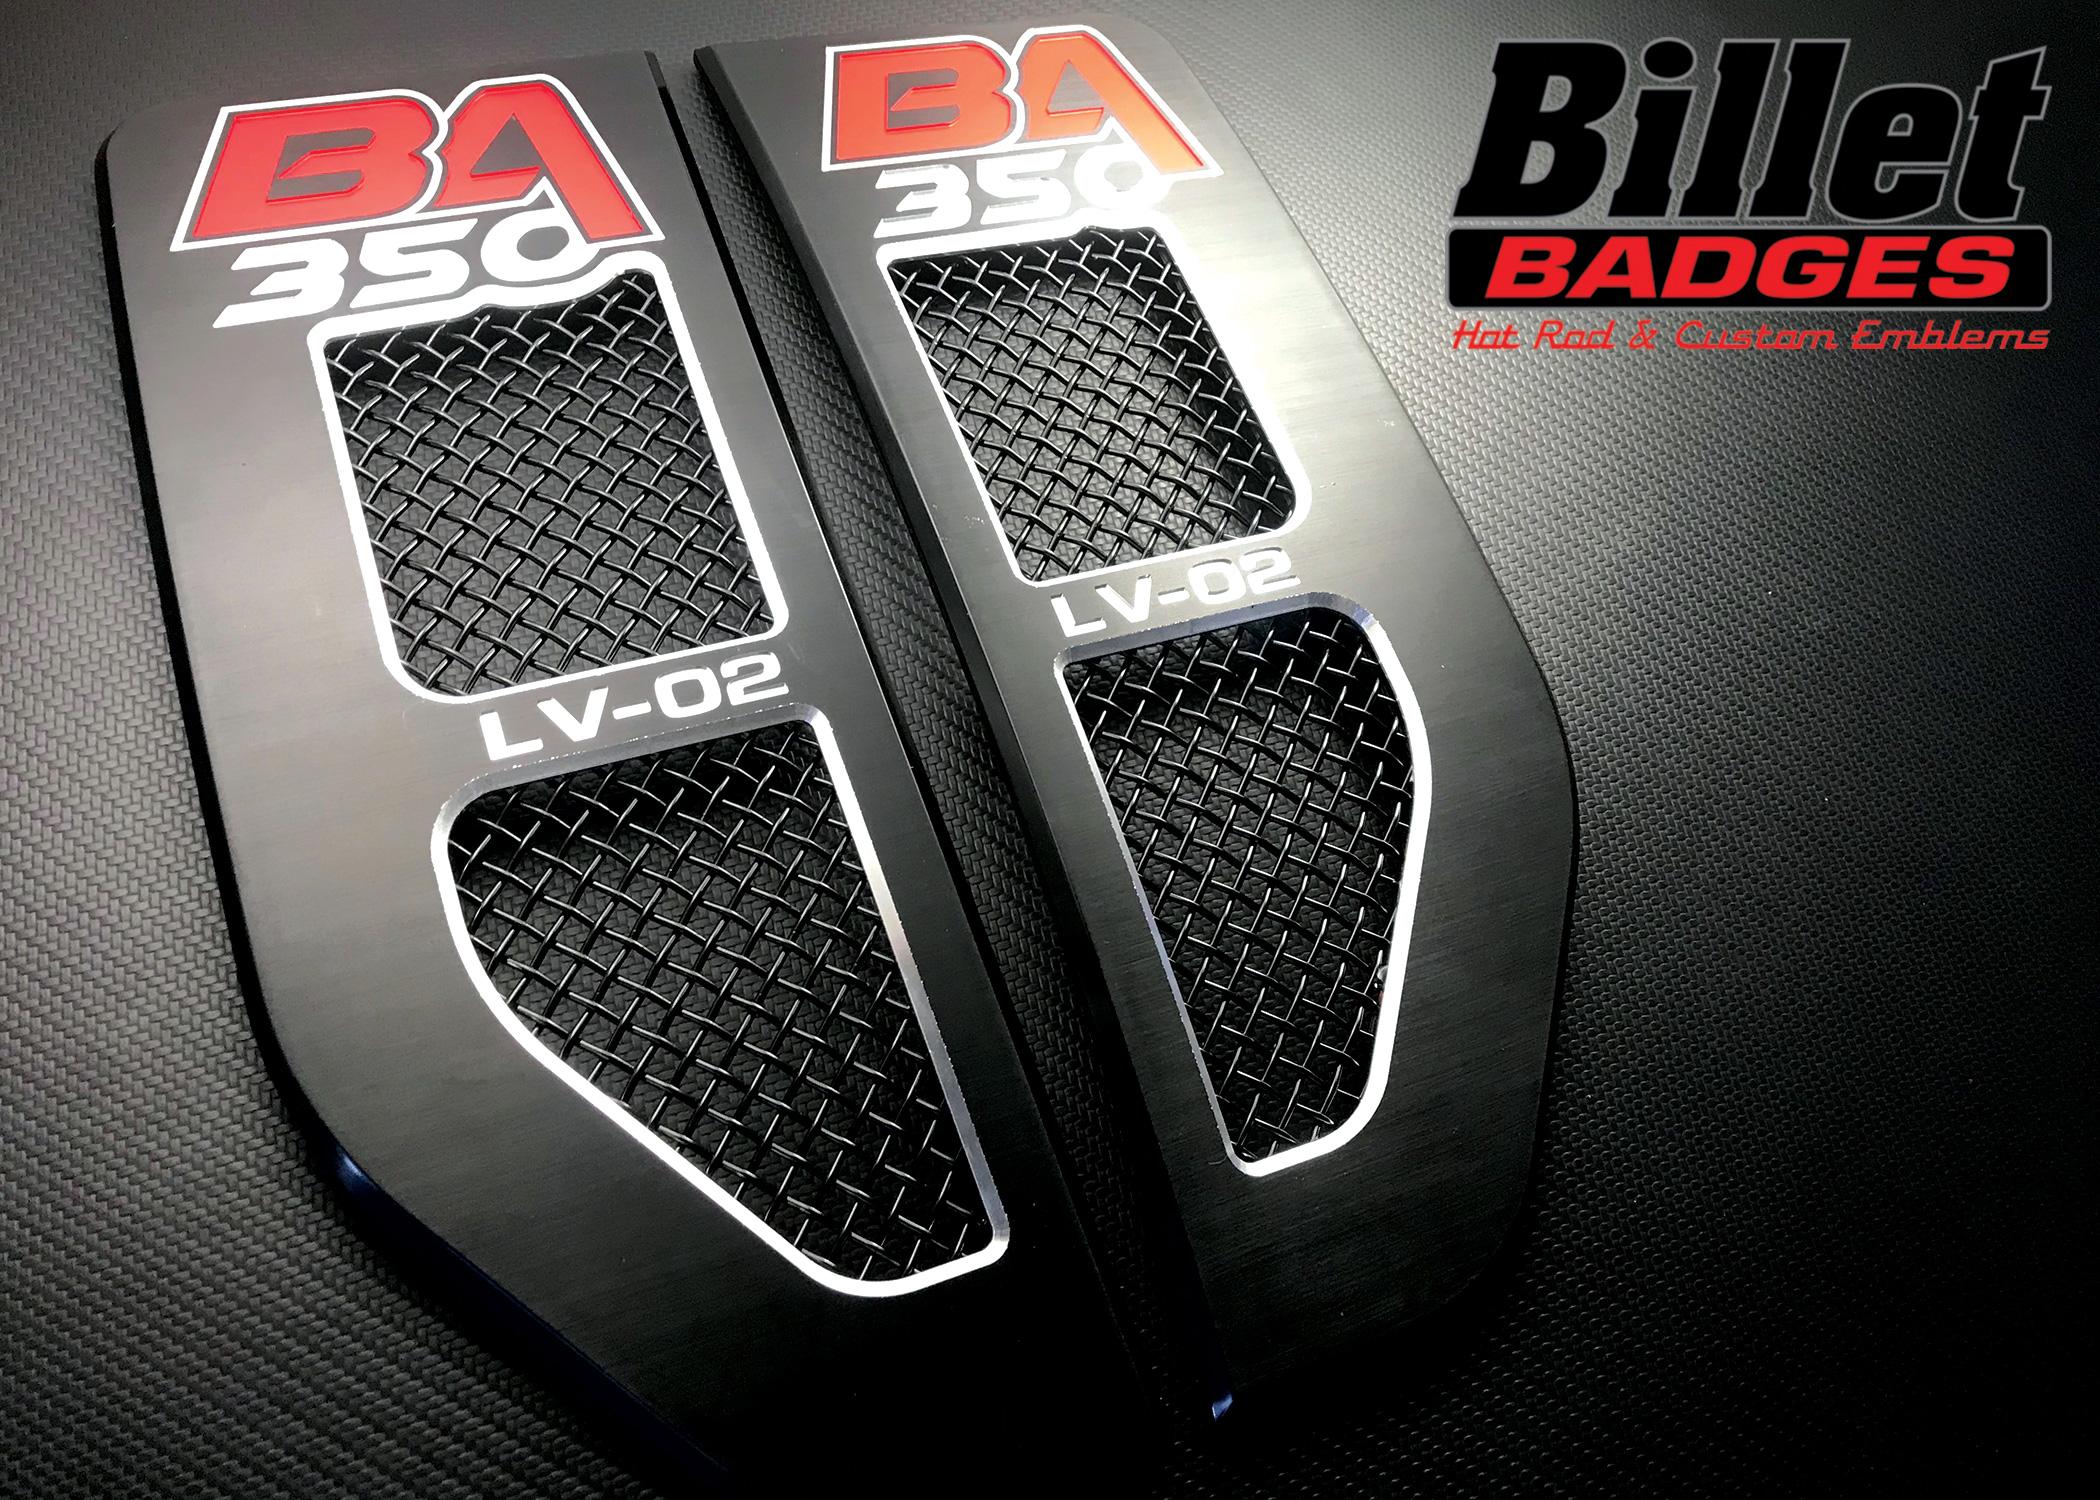 BA 350 Lv-02